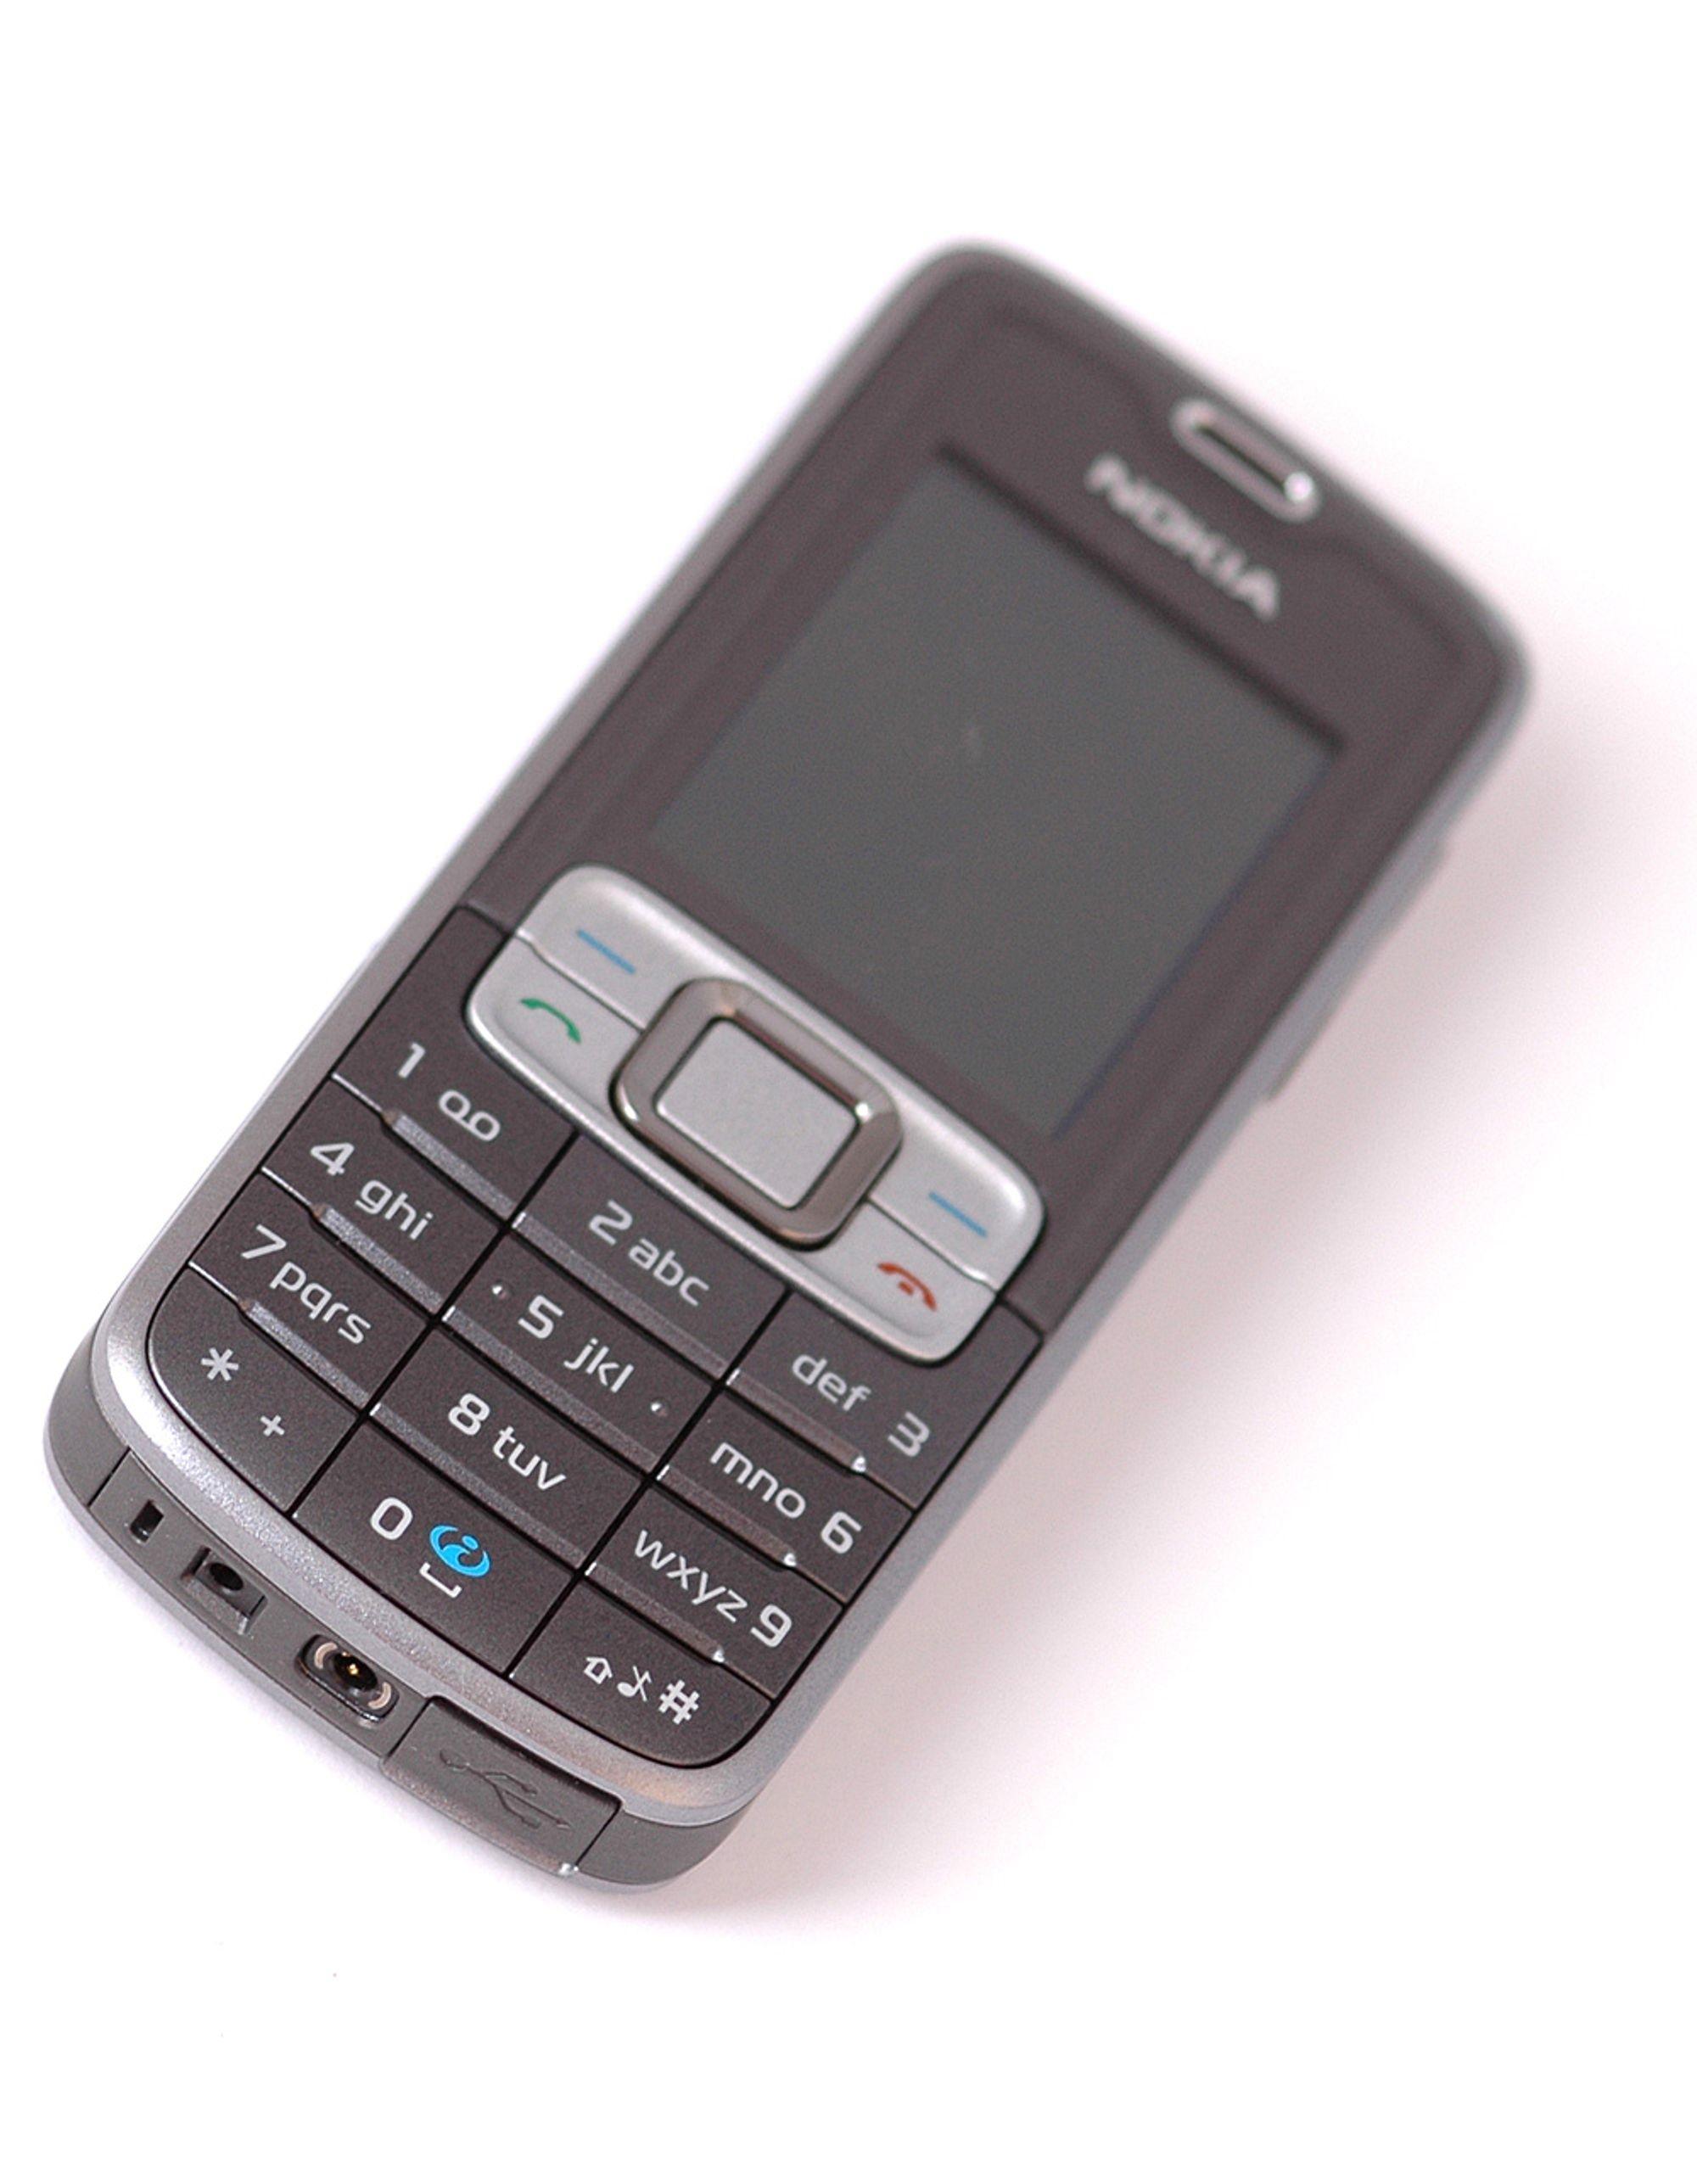 Nokia 3109 classic USB